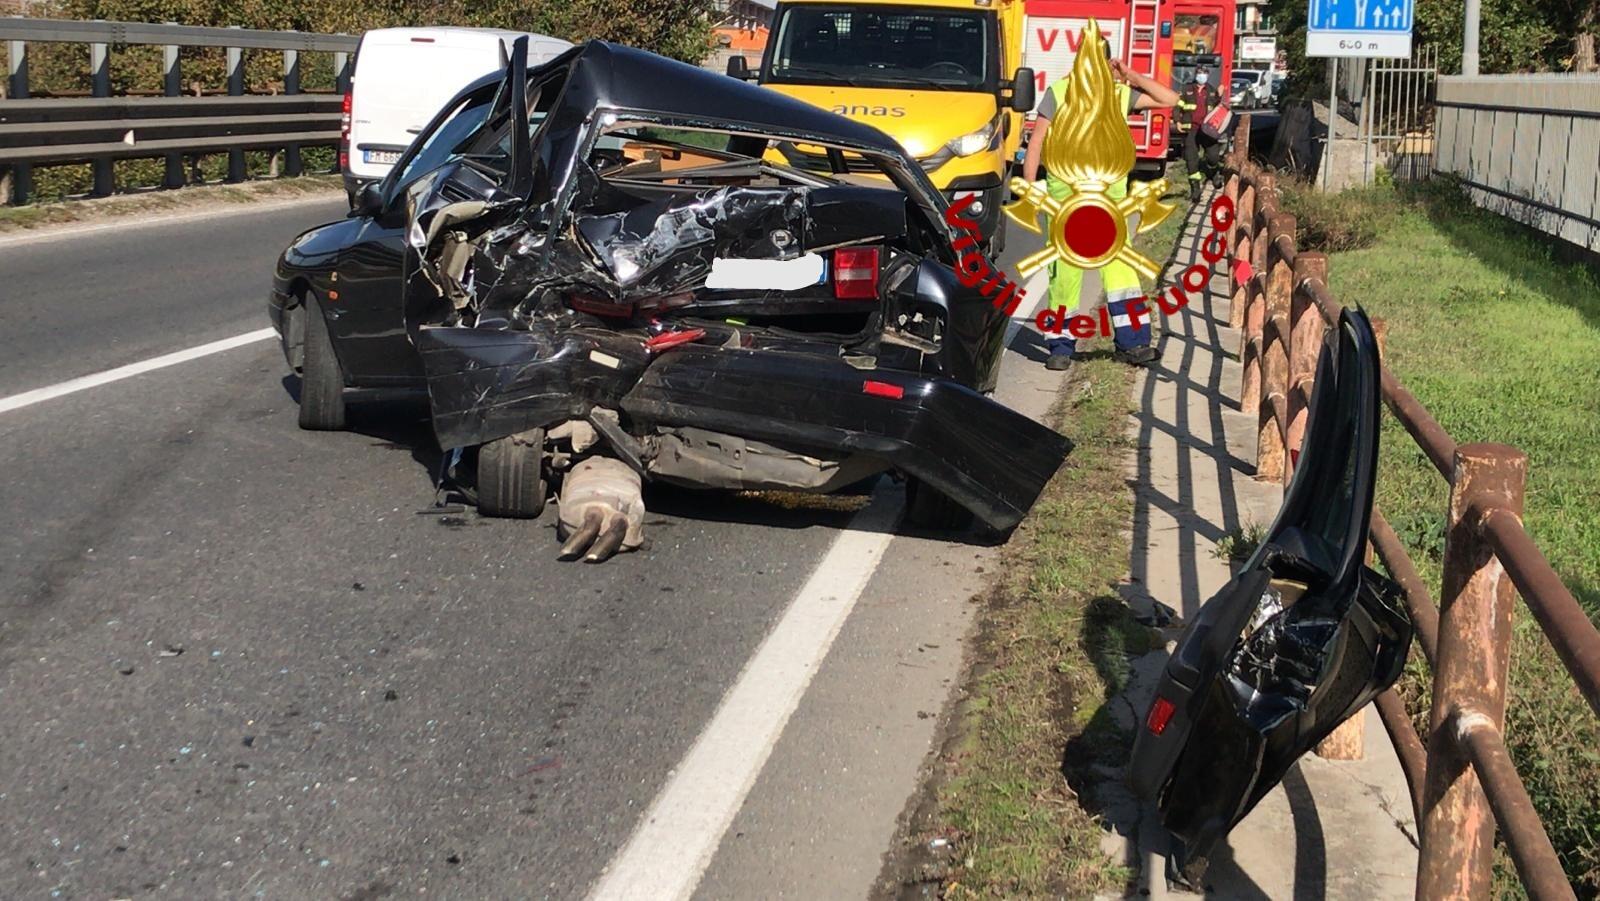 Atripalda| Impatto tra 3 veicoli sulla Variante, 2 feriti: automobilista resta incastrato, liberato dai vigili del fuoco